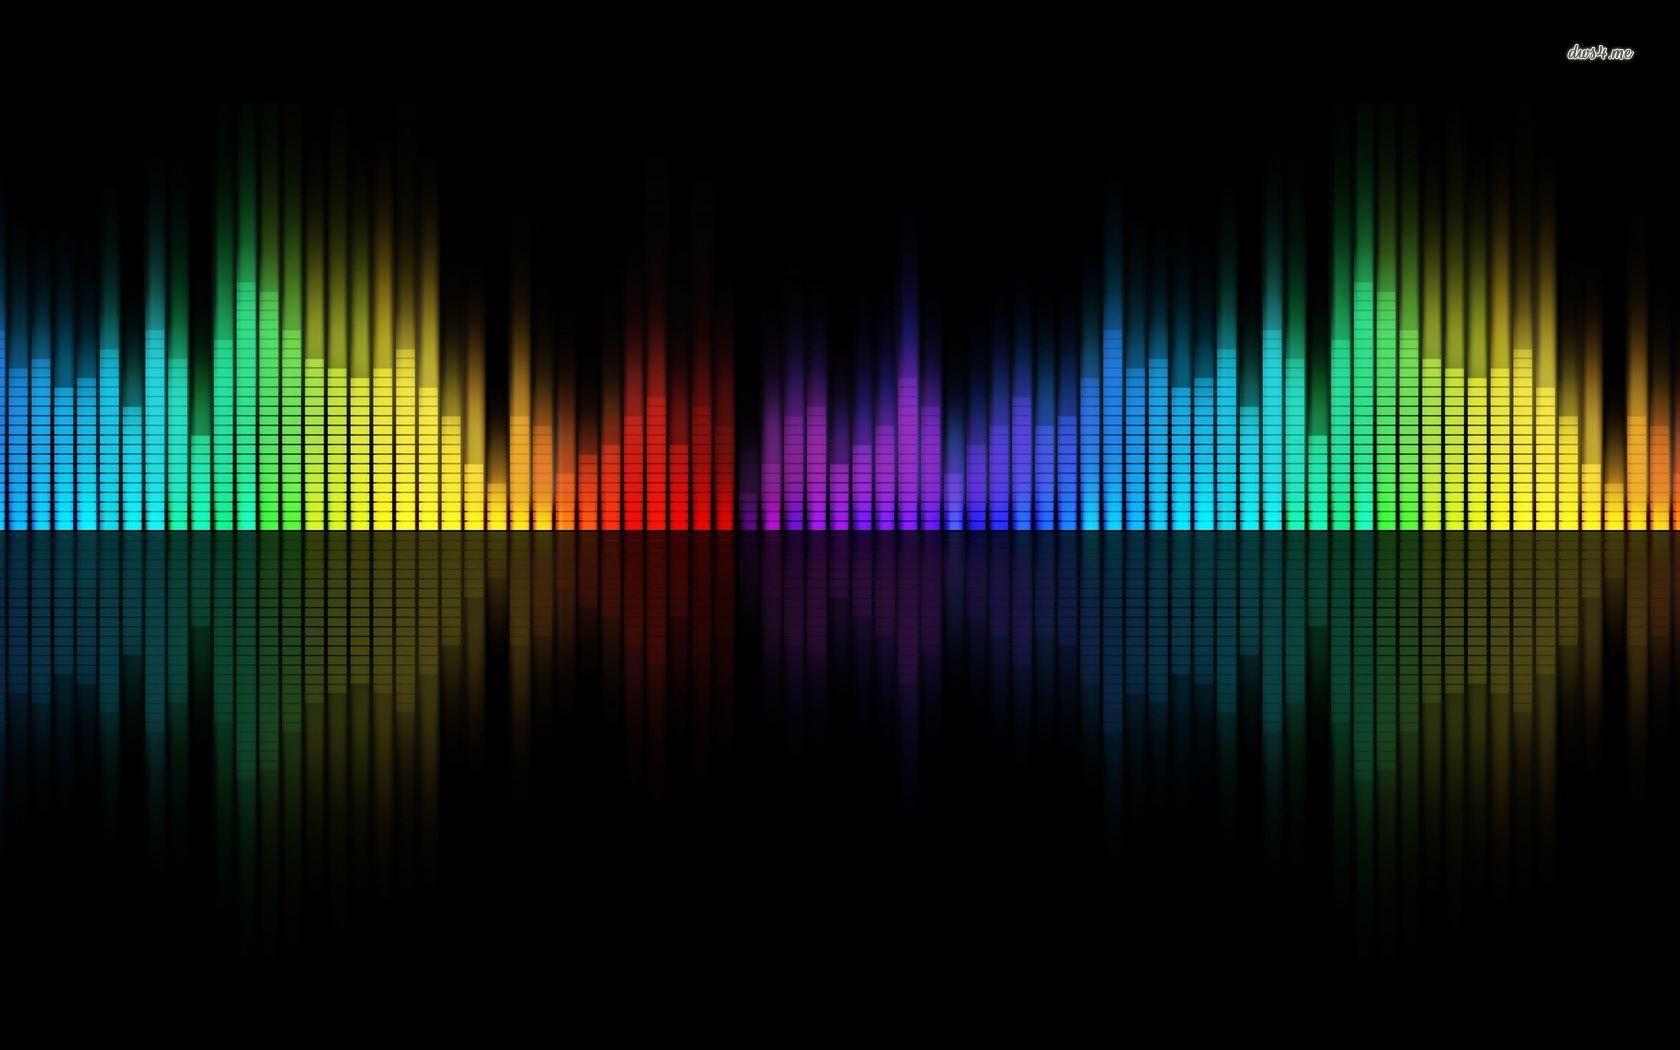 Playlist du moment 2017 - ecouter-musique-gratuitecom